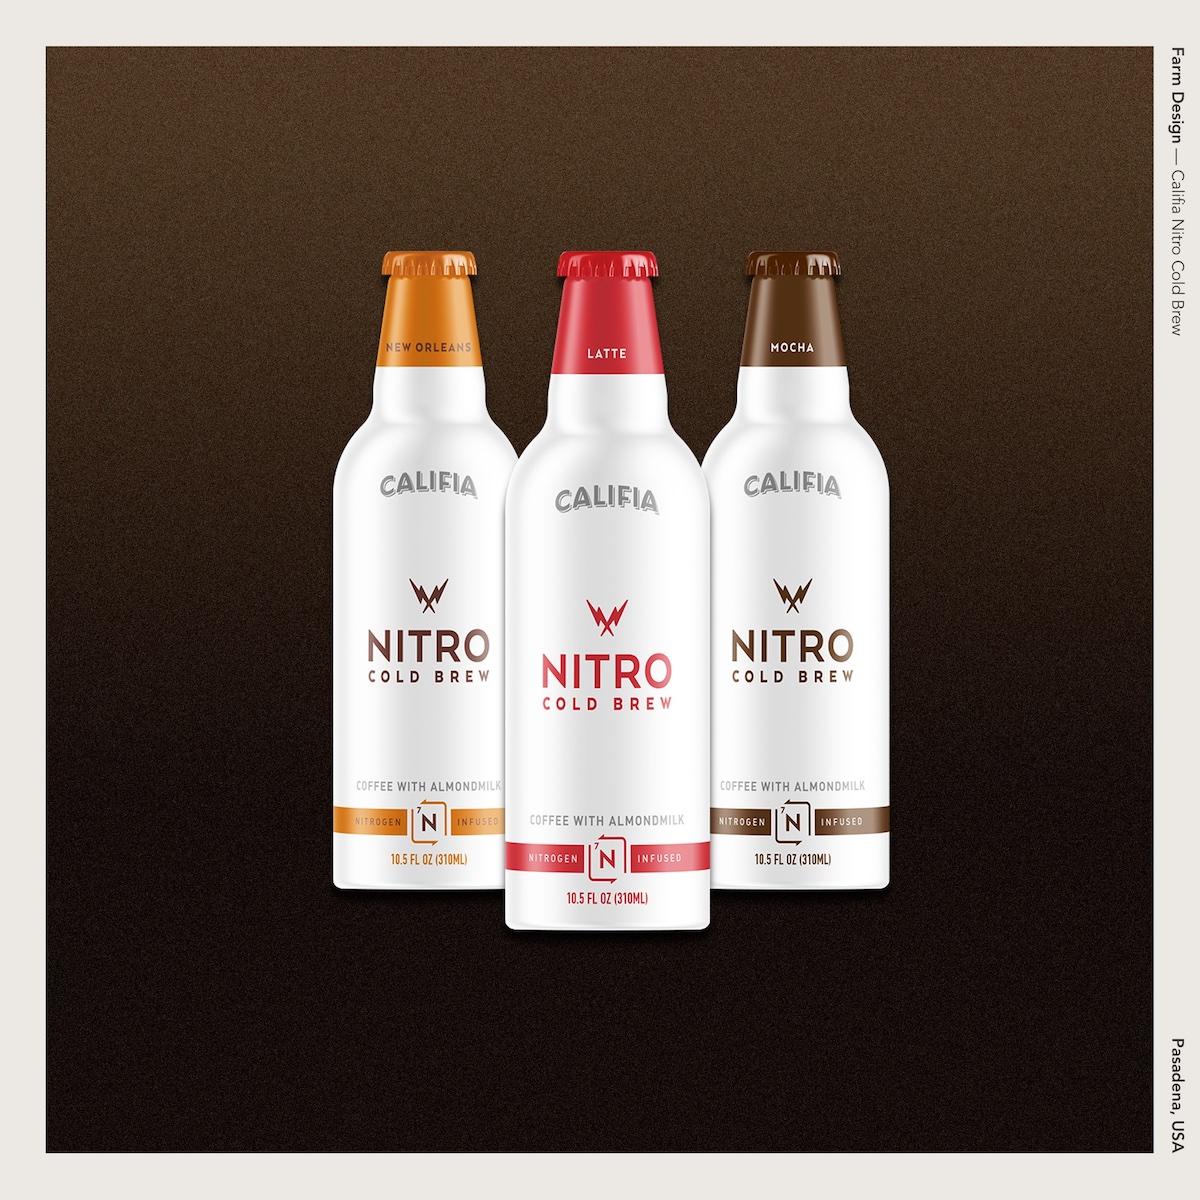 Farm Design —Califia Nitro Cold Brew